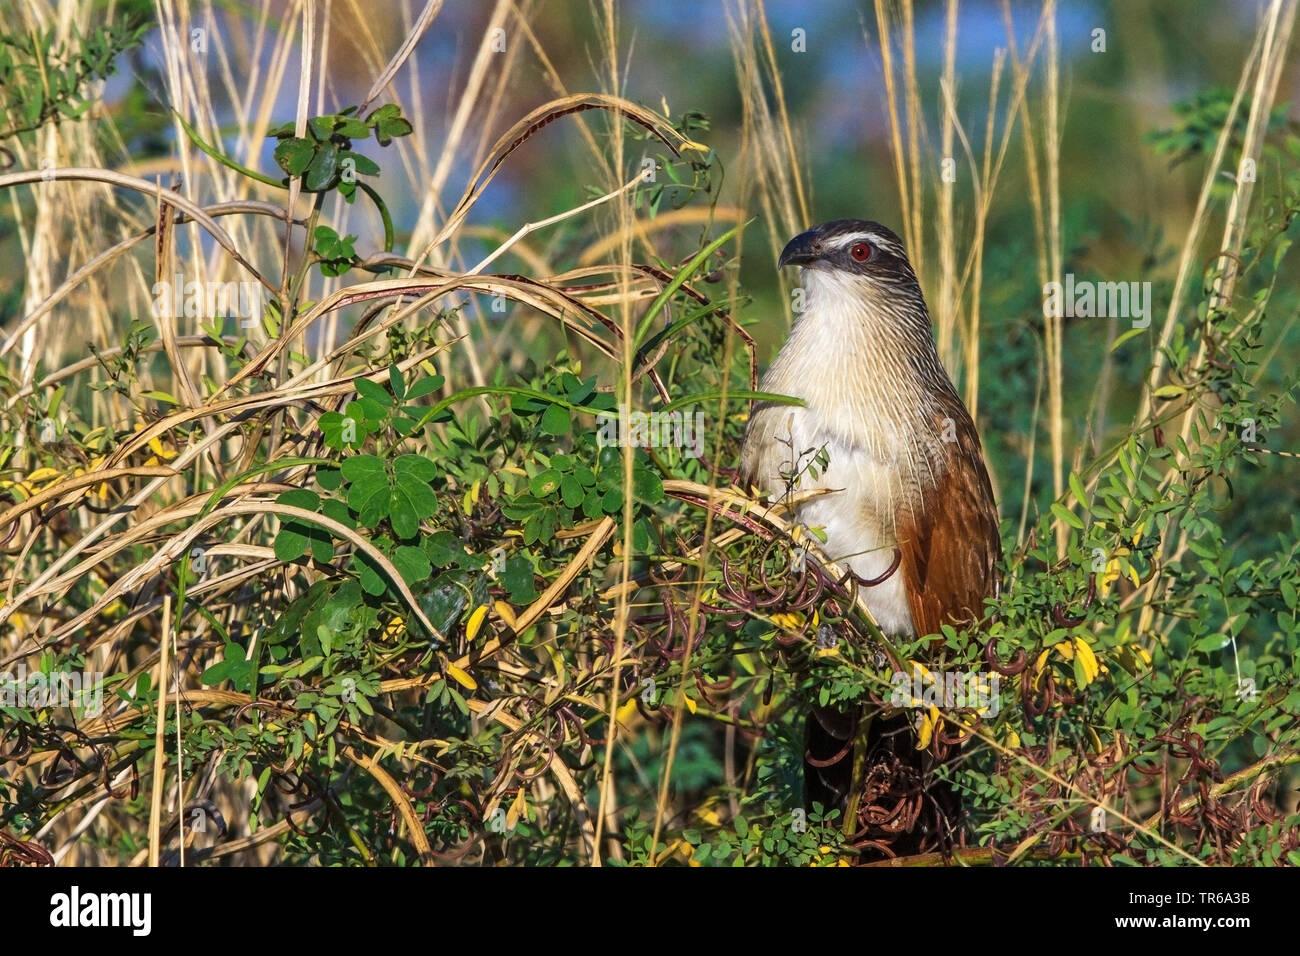 Weissbrauenkuckuck, Weissbrauen-Kuckuck, Weissbrauen-Spornkuckuck, Weissbrauenspornkuckuck (Centropus superciliosus), sitzt auf einem Busch, Sambia | - Stock Image